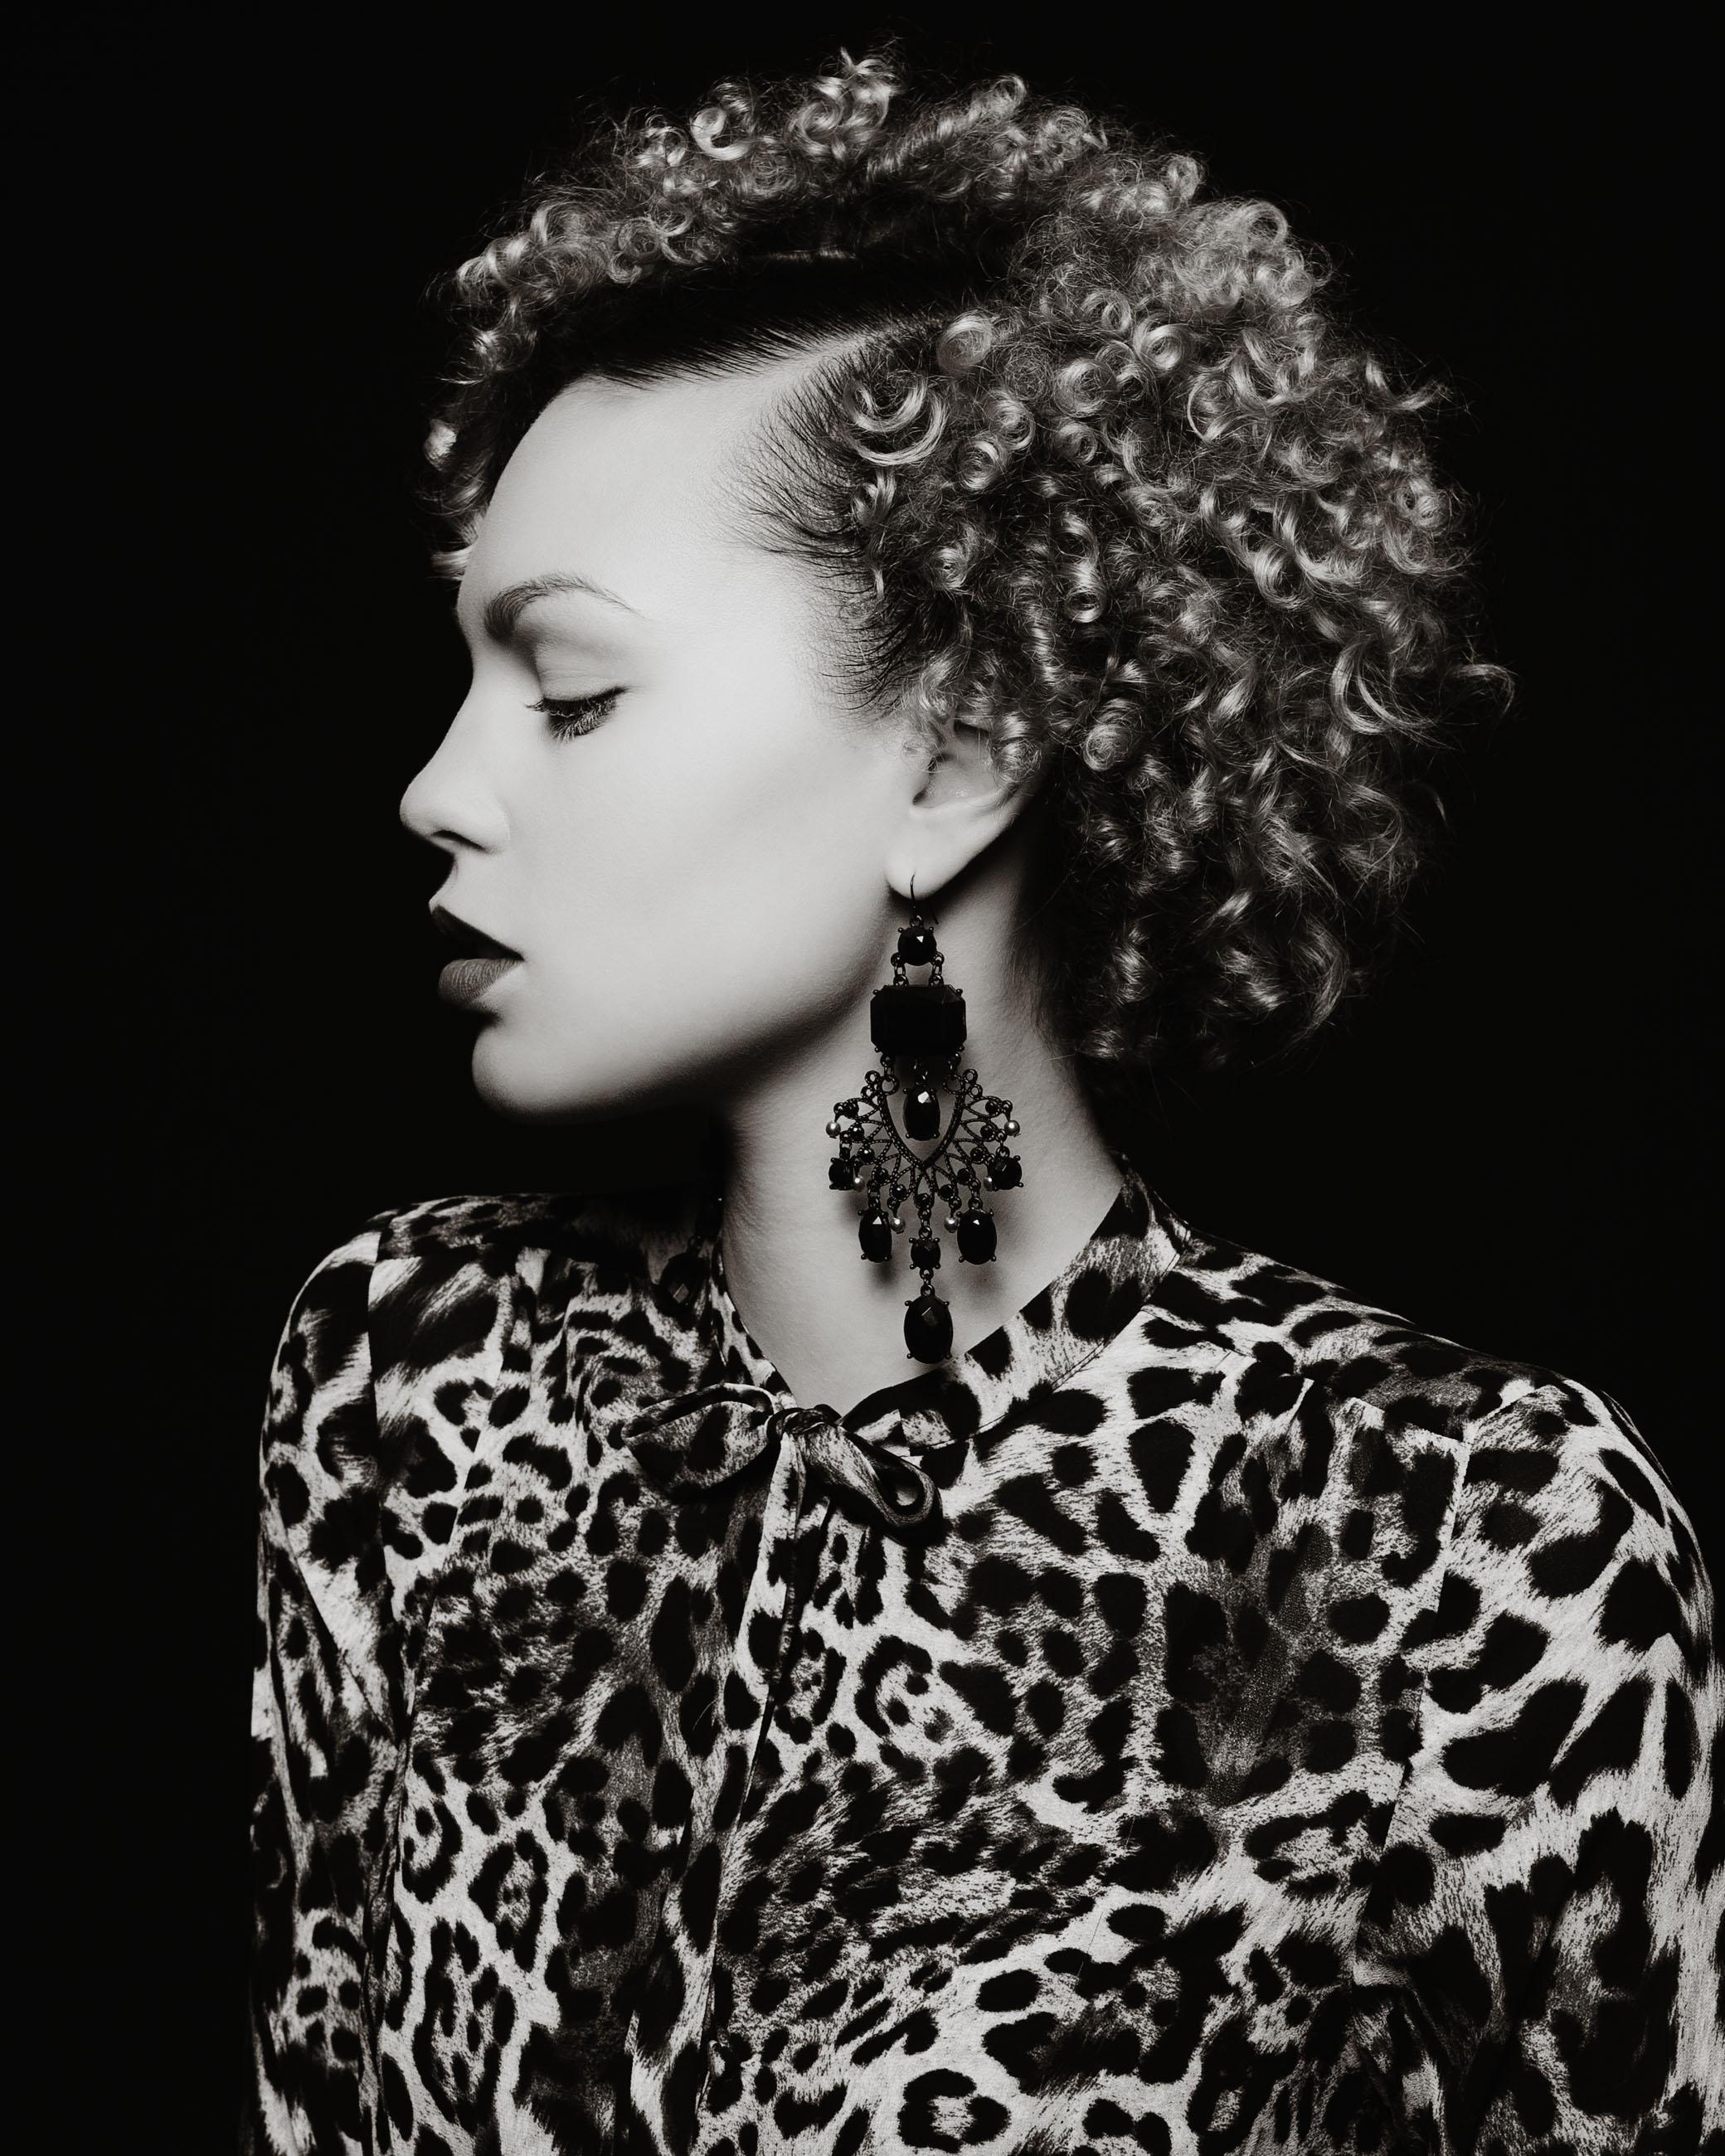 Frau vor dunklem Hintergrund mit Leoparden Kleid und grossen Ohrringen FOTOGRAF Sven Vogel FotografIE lockige schöne Haare Makeup dunkler Lippenstift Schwarz weiß